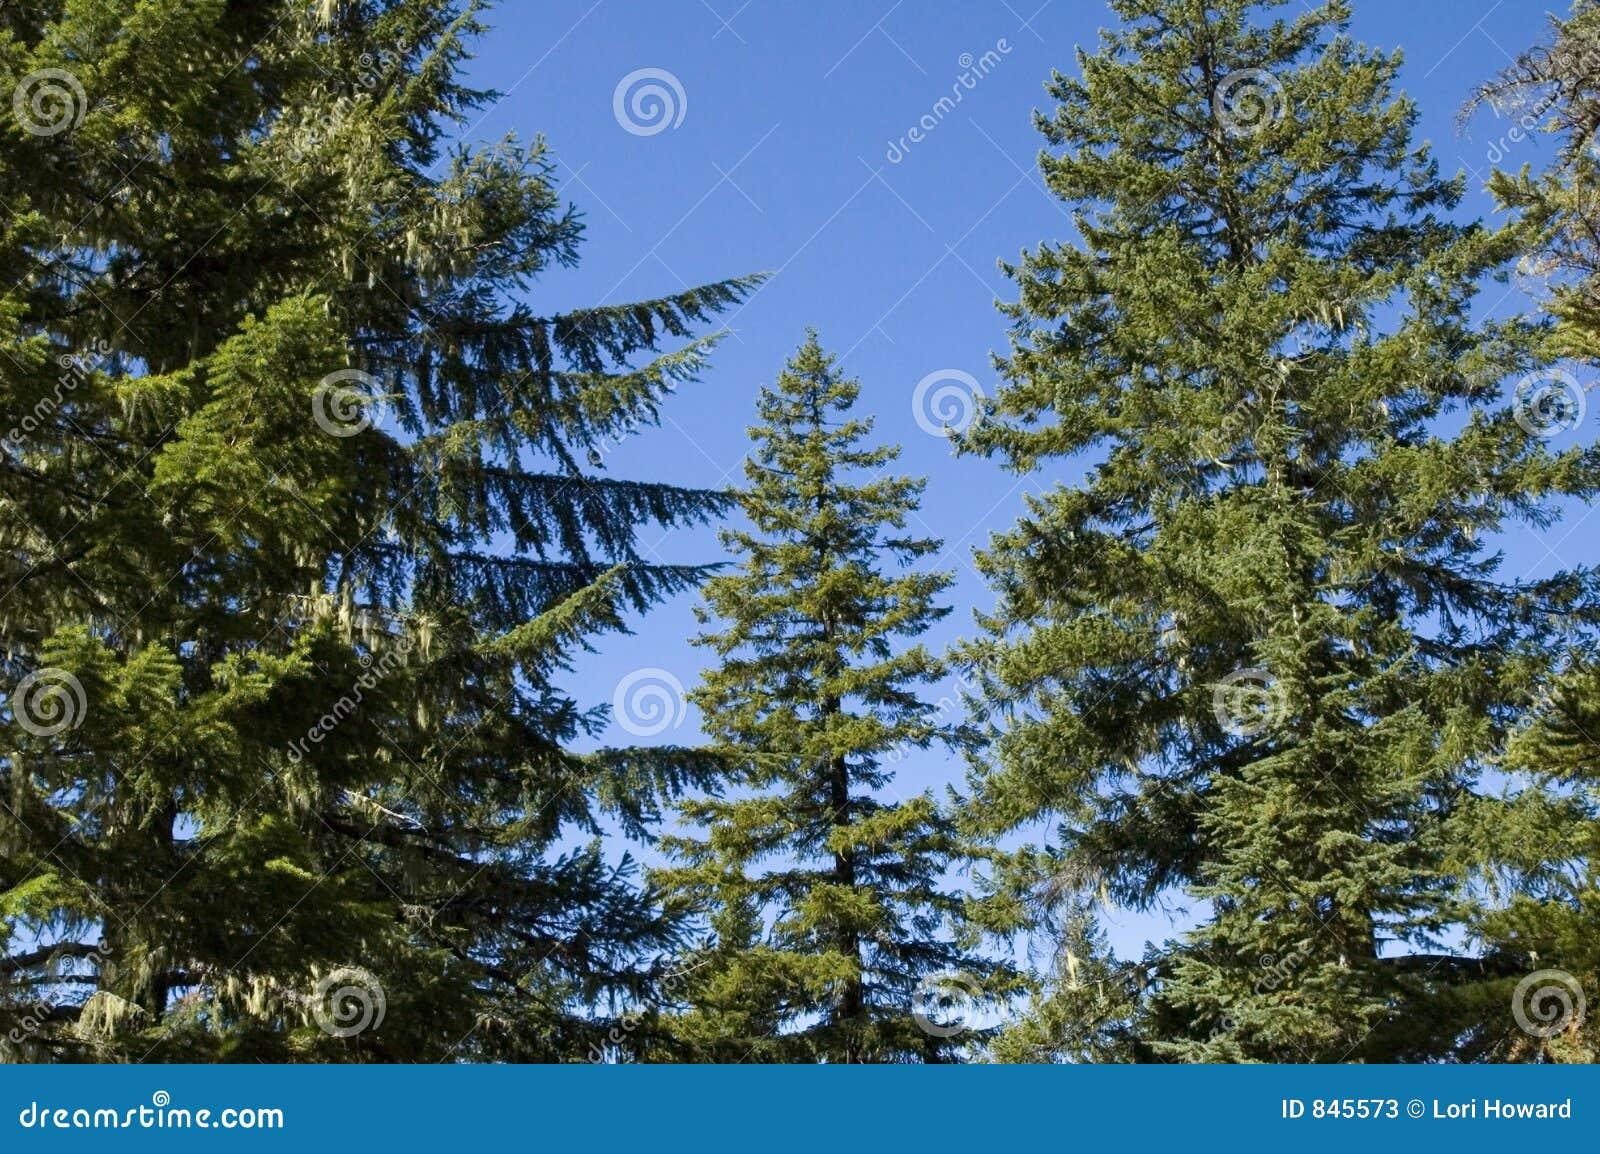 Tall Conifers